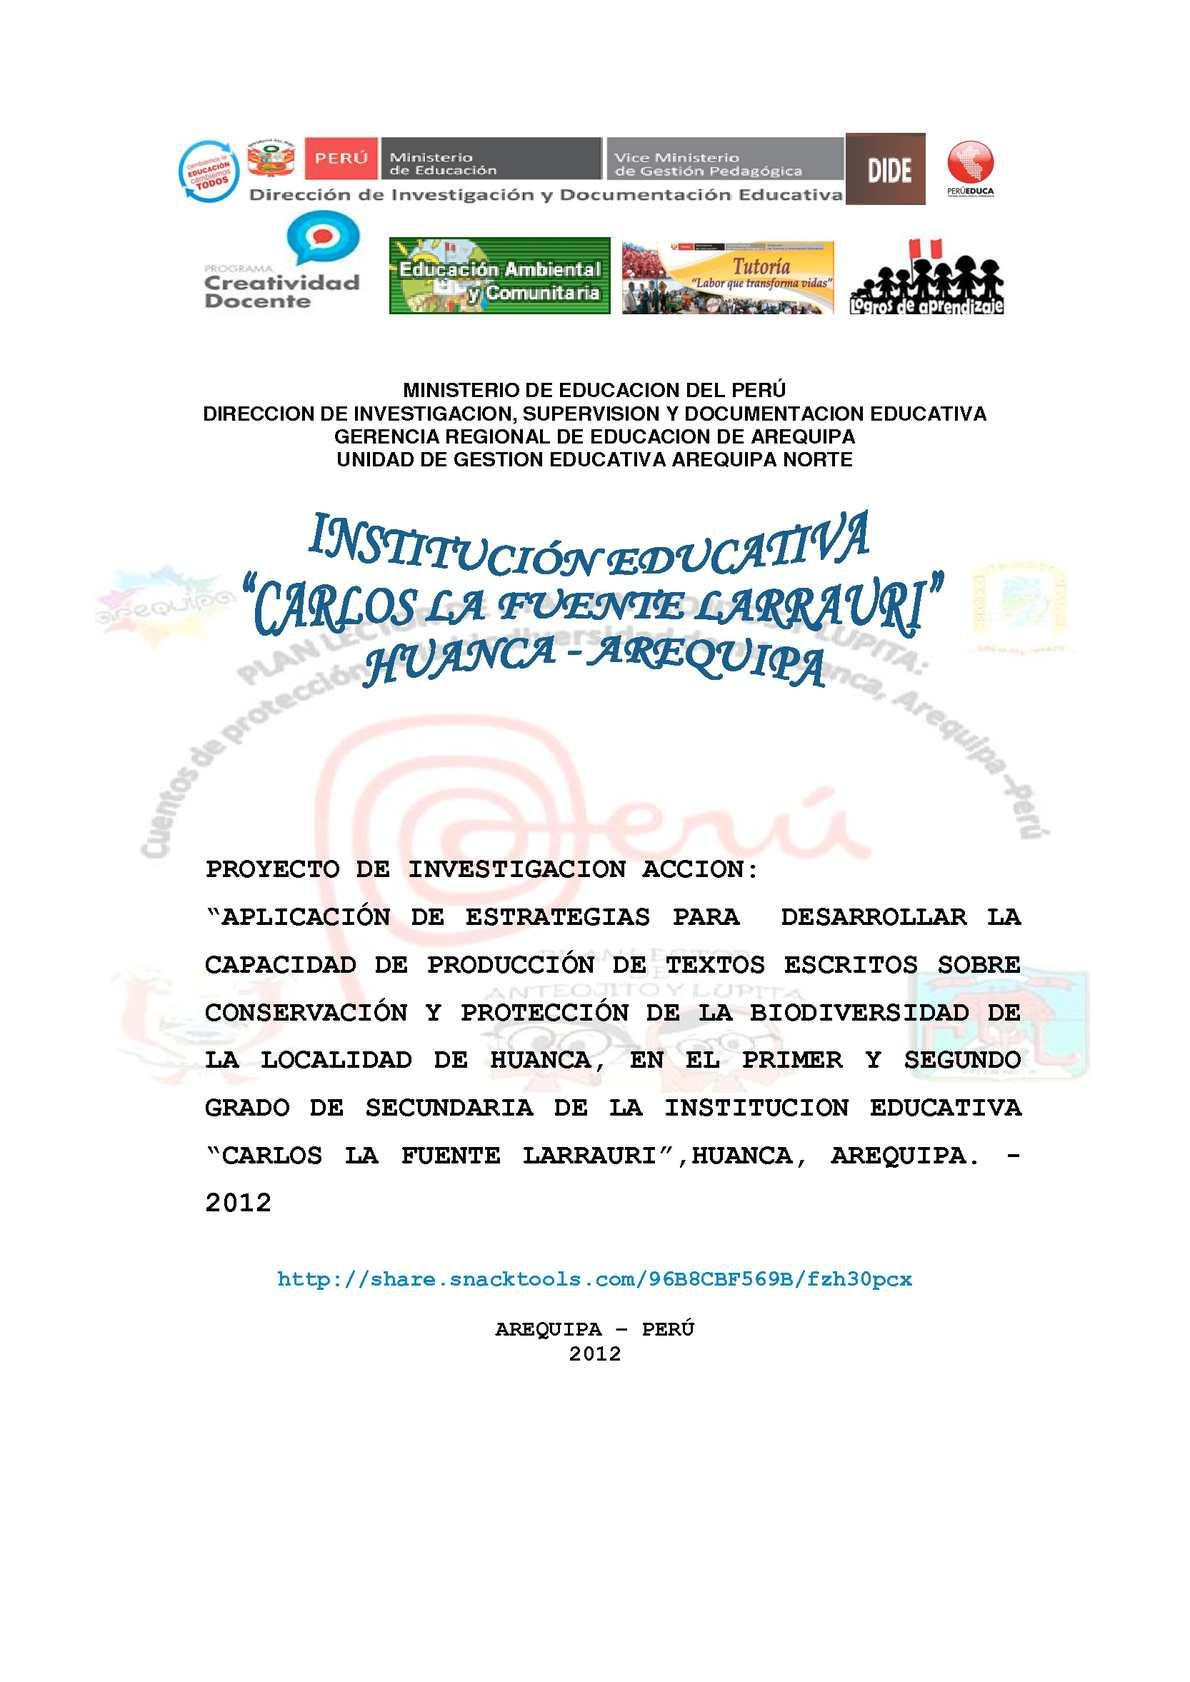 """PROYECTO DE INVESTIGACION ACCION:""""APLICACIÓN DE ESTRATEGIAS PARA  DESARROLLAR LA CAPACIDAD DE PRODUCCIÓN DE TEXTOS ESCRITOS SOBRE CONSERVACIÓN Y PROTECCIÓN DE LA BIODIVERSIDAD DE LA LOCALIDAD DE HUANCA, EN EL PRIMER Y SEGUNDO GRADO DE SECUNDARIA DE LA INS"""